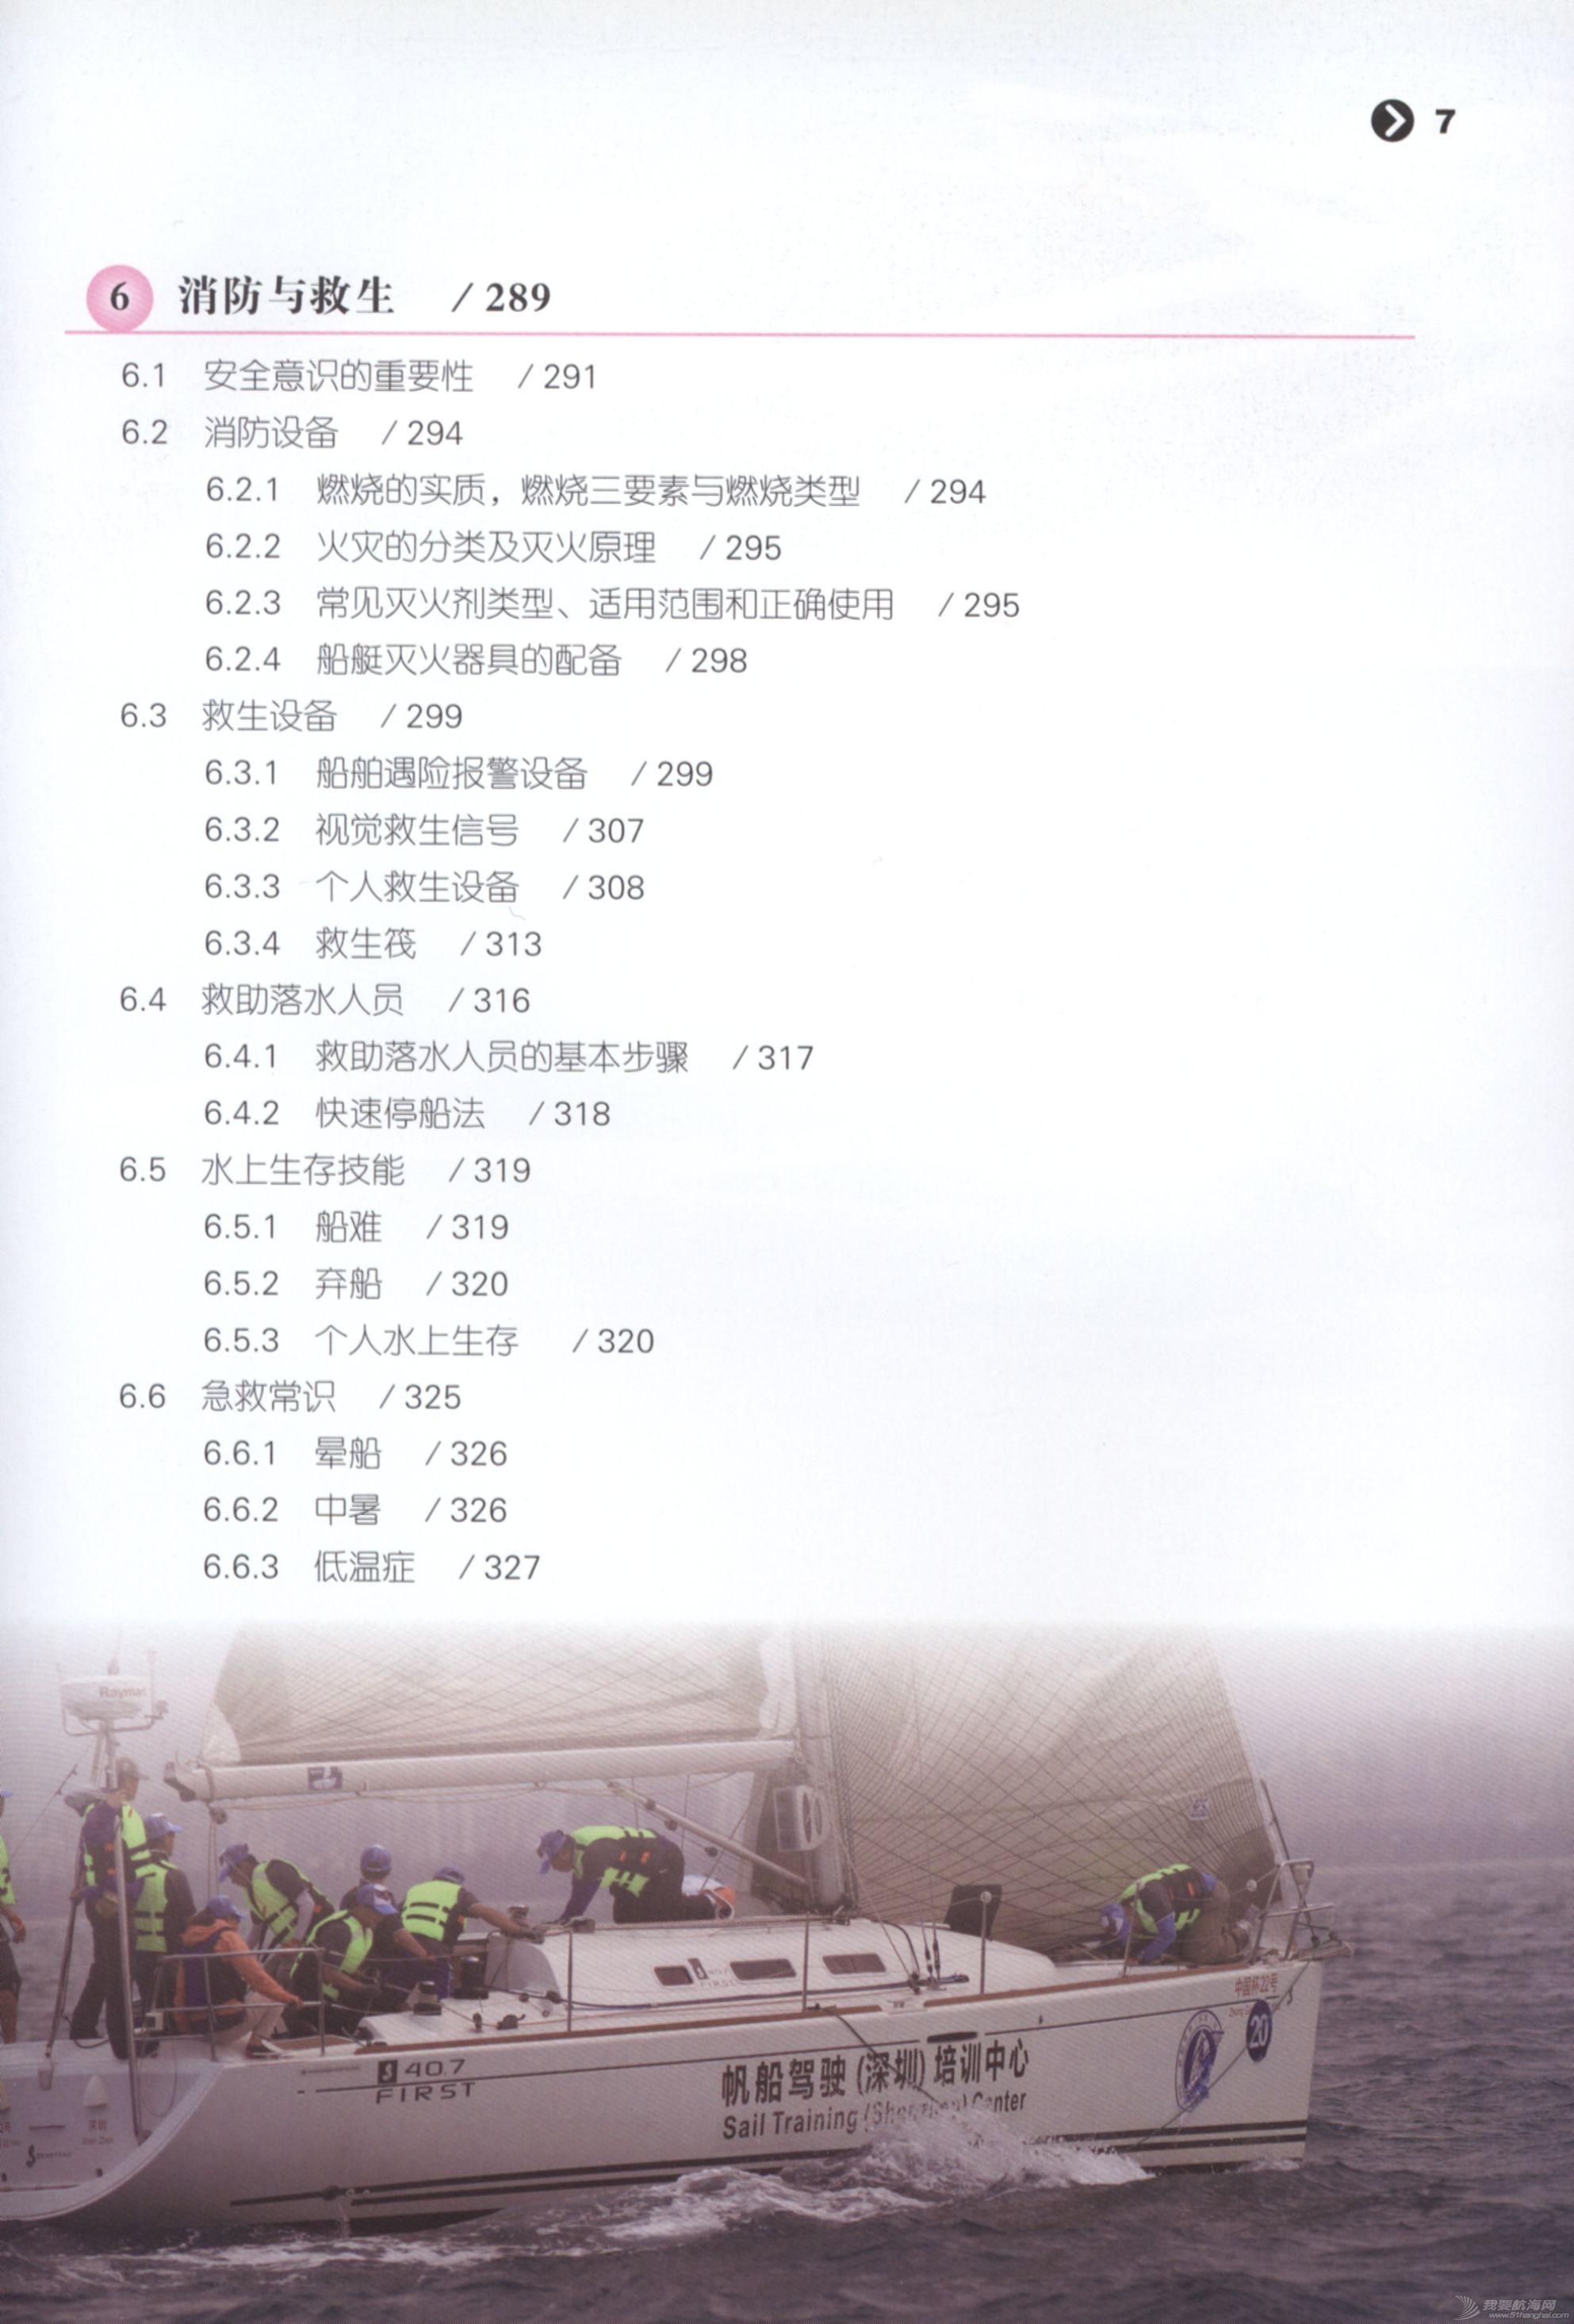 培训教材,TXT下载,帆船,技术 《游艇与帆船操作培训教材》 PDF下载 TXT下载 帆船技术 航海教材 7.jpg